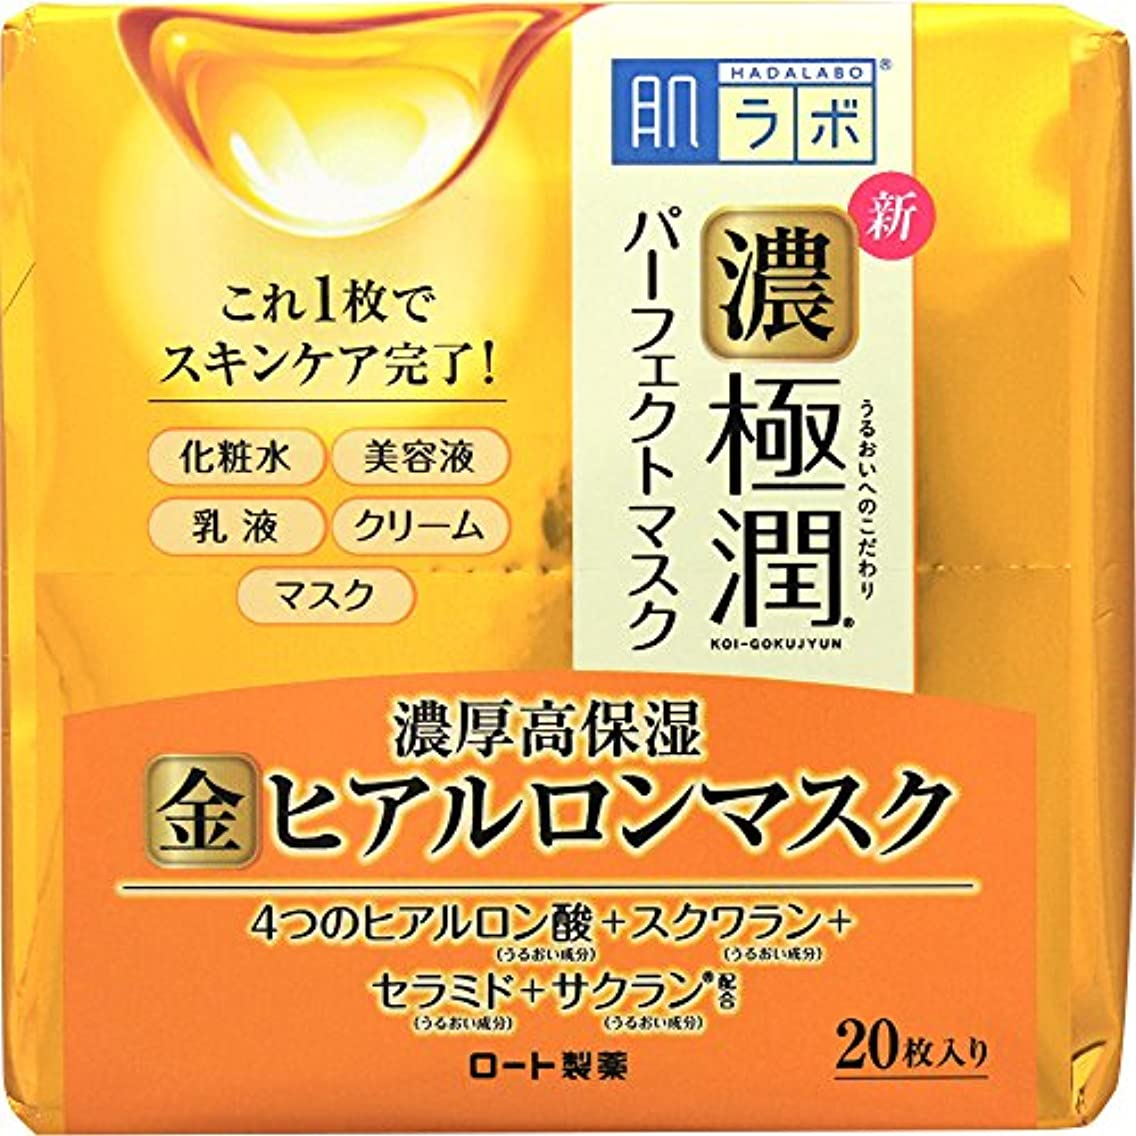 反対蜜区別する肌ラボ 濃い極潤 オールインワン パーフェクトマスク 4つのヒアルロン酸×スクワラン×セラミド×サクラン配合 20枚